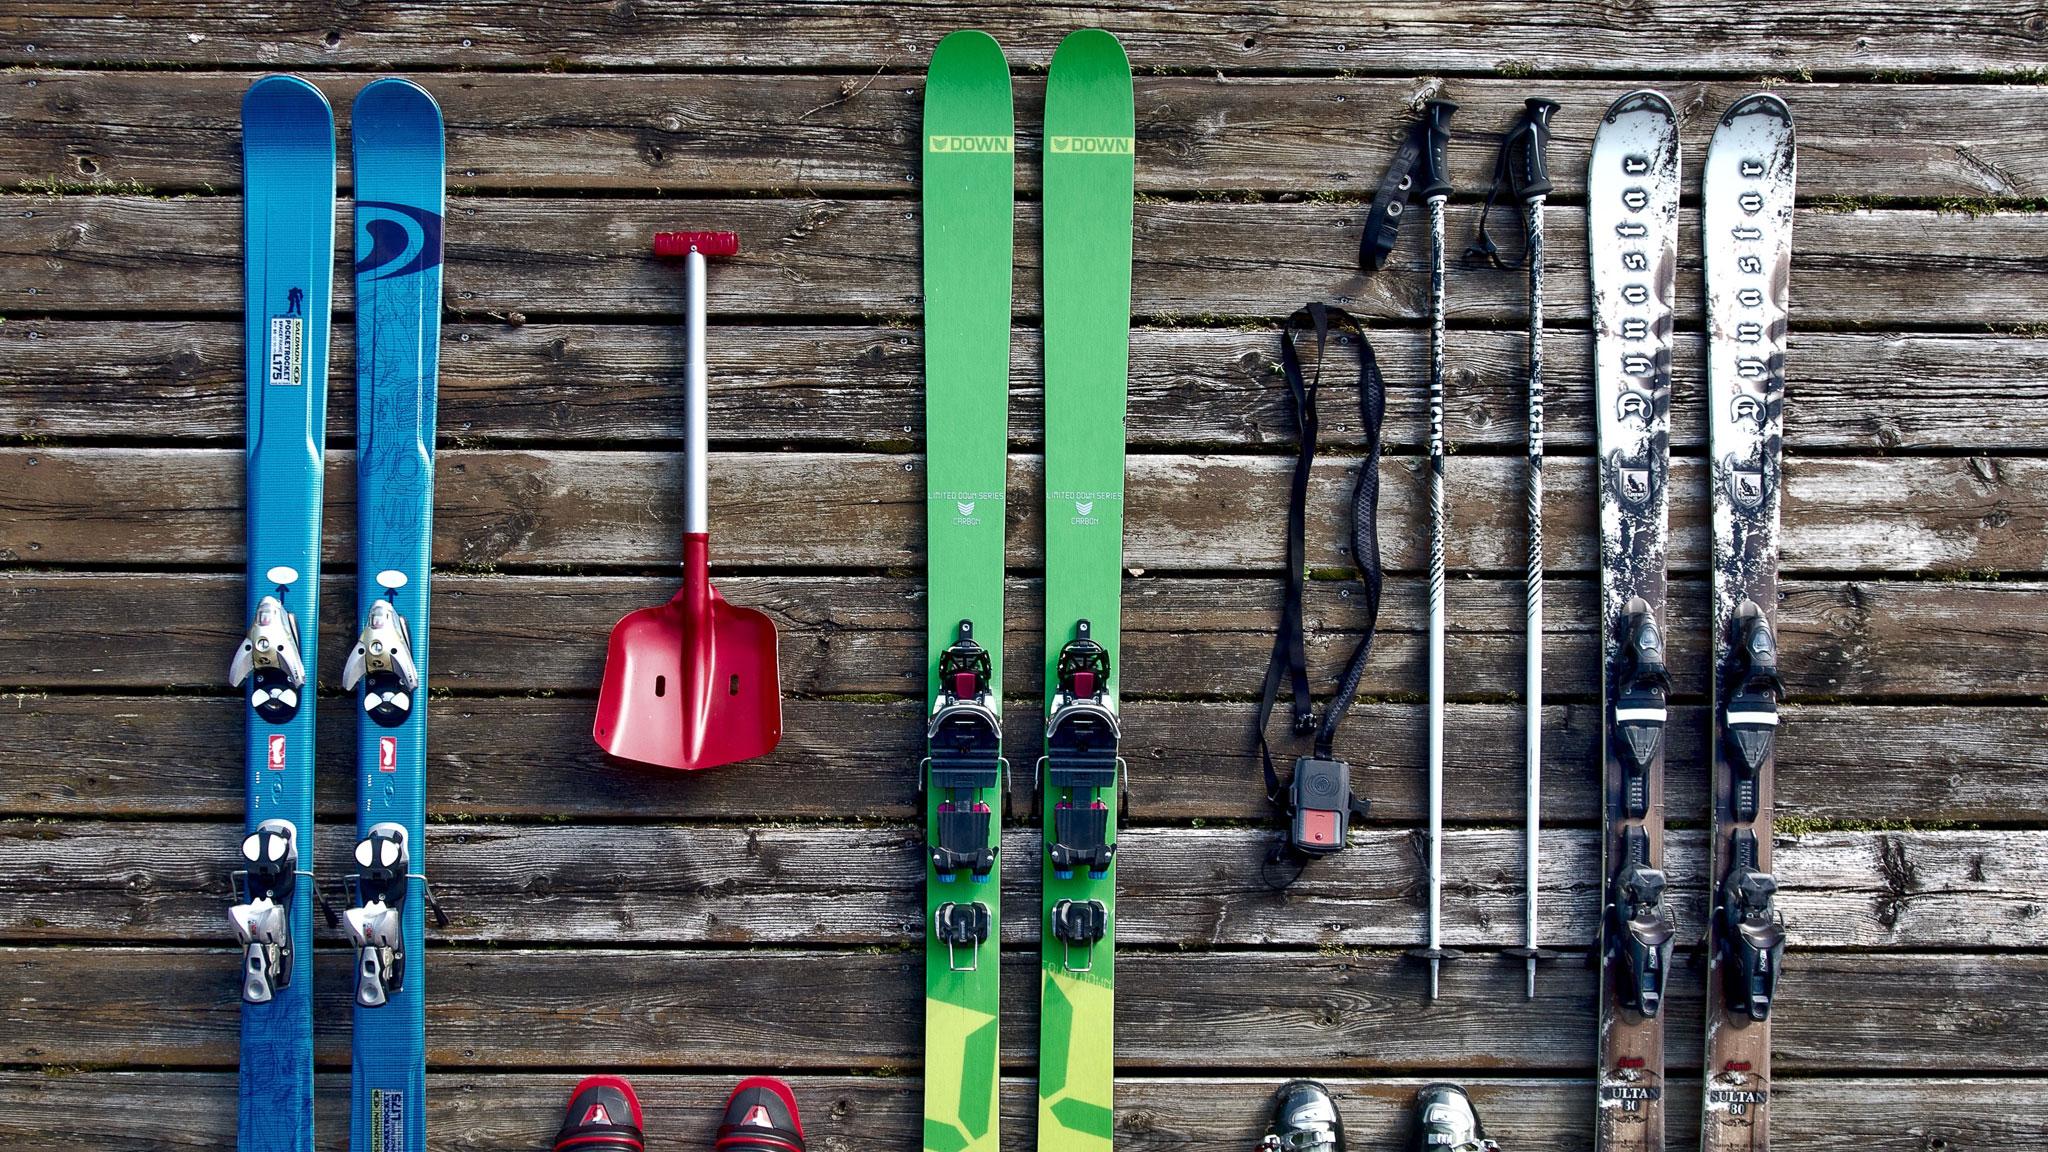 Отправляясь на горнолыжный курорт, вы можете взять собственную экипировку — лыжи и прочий спортинвентарь можно провозить в самолетах и поездах.Фото: pixabay.com